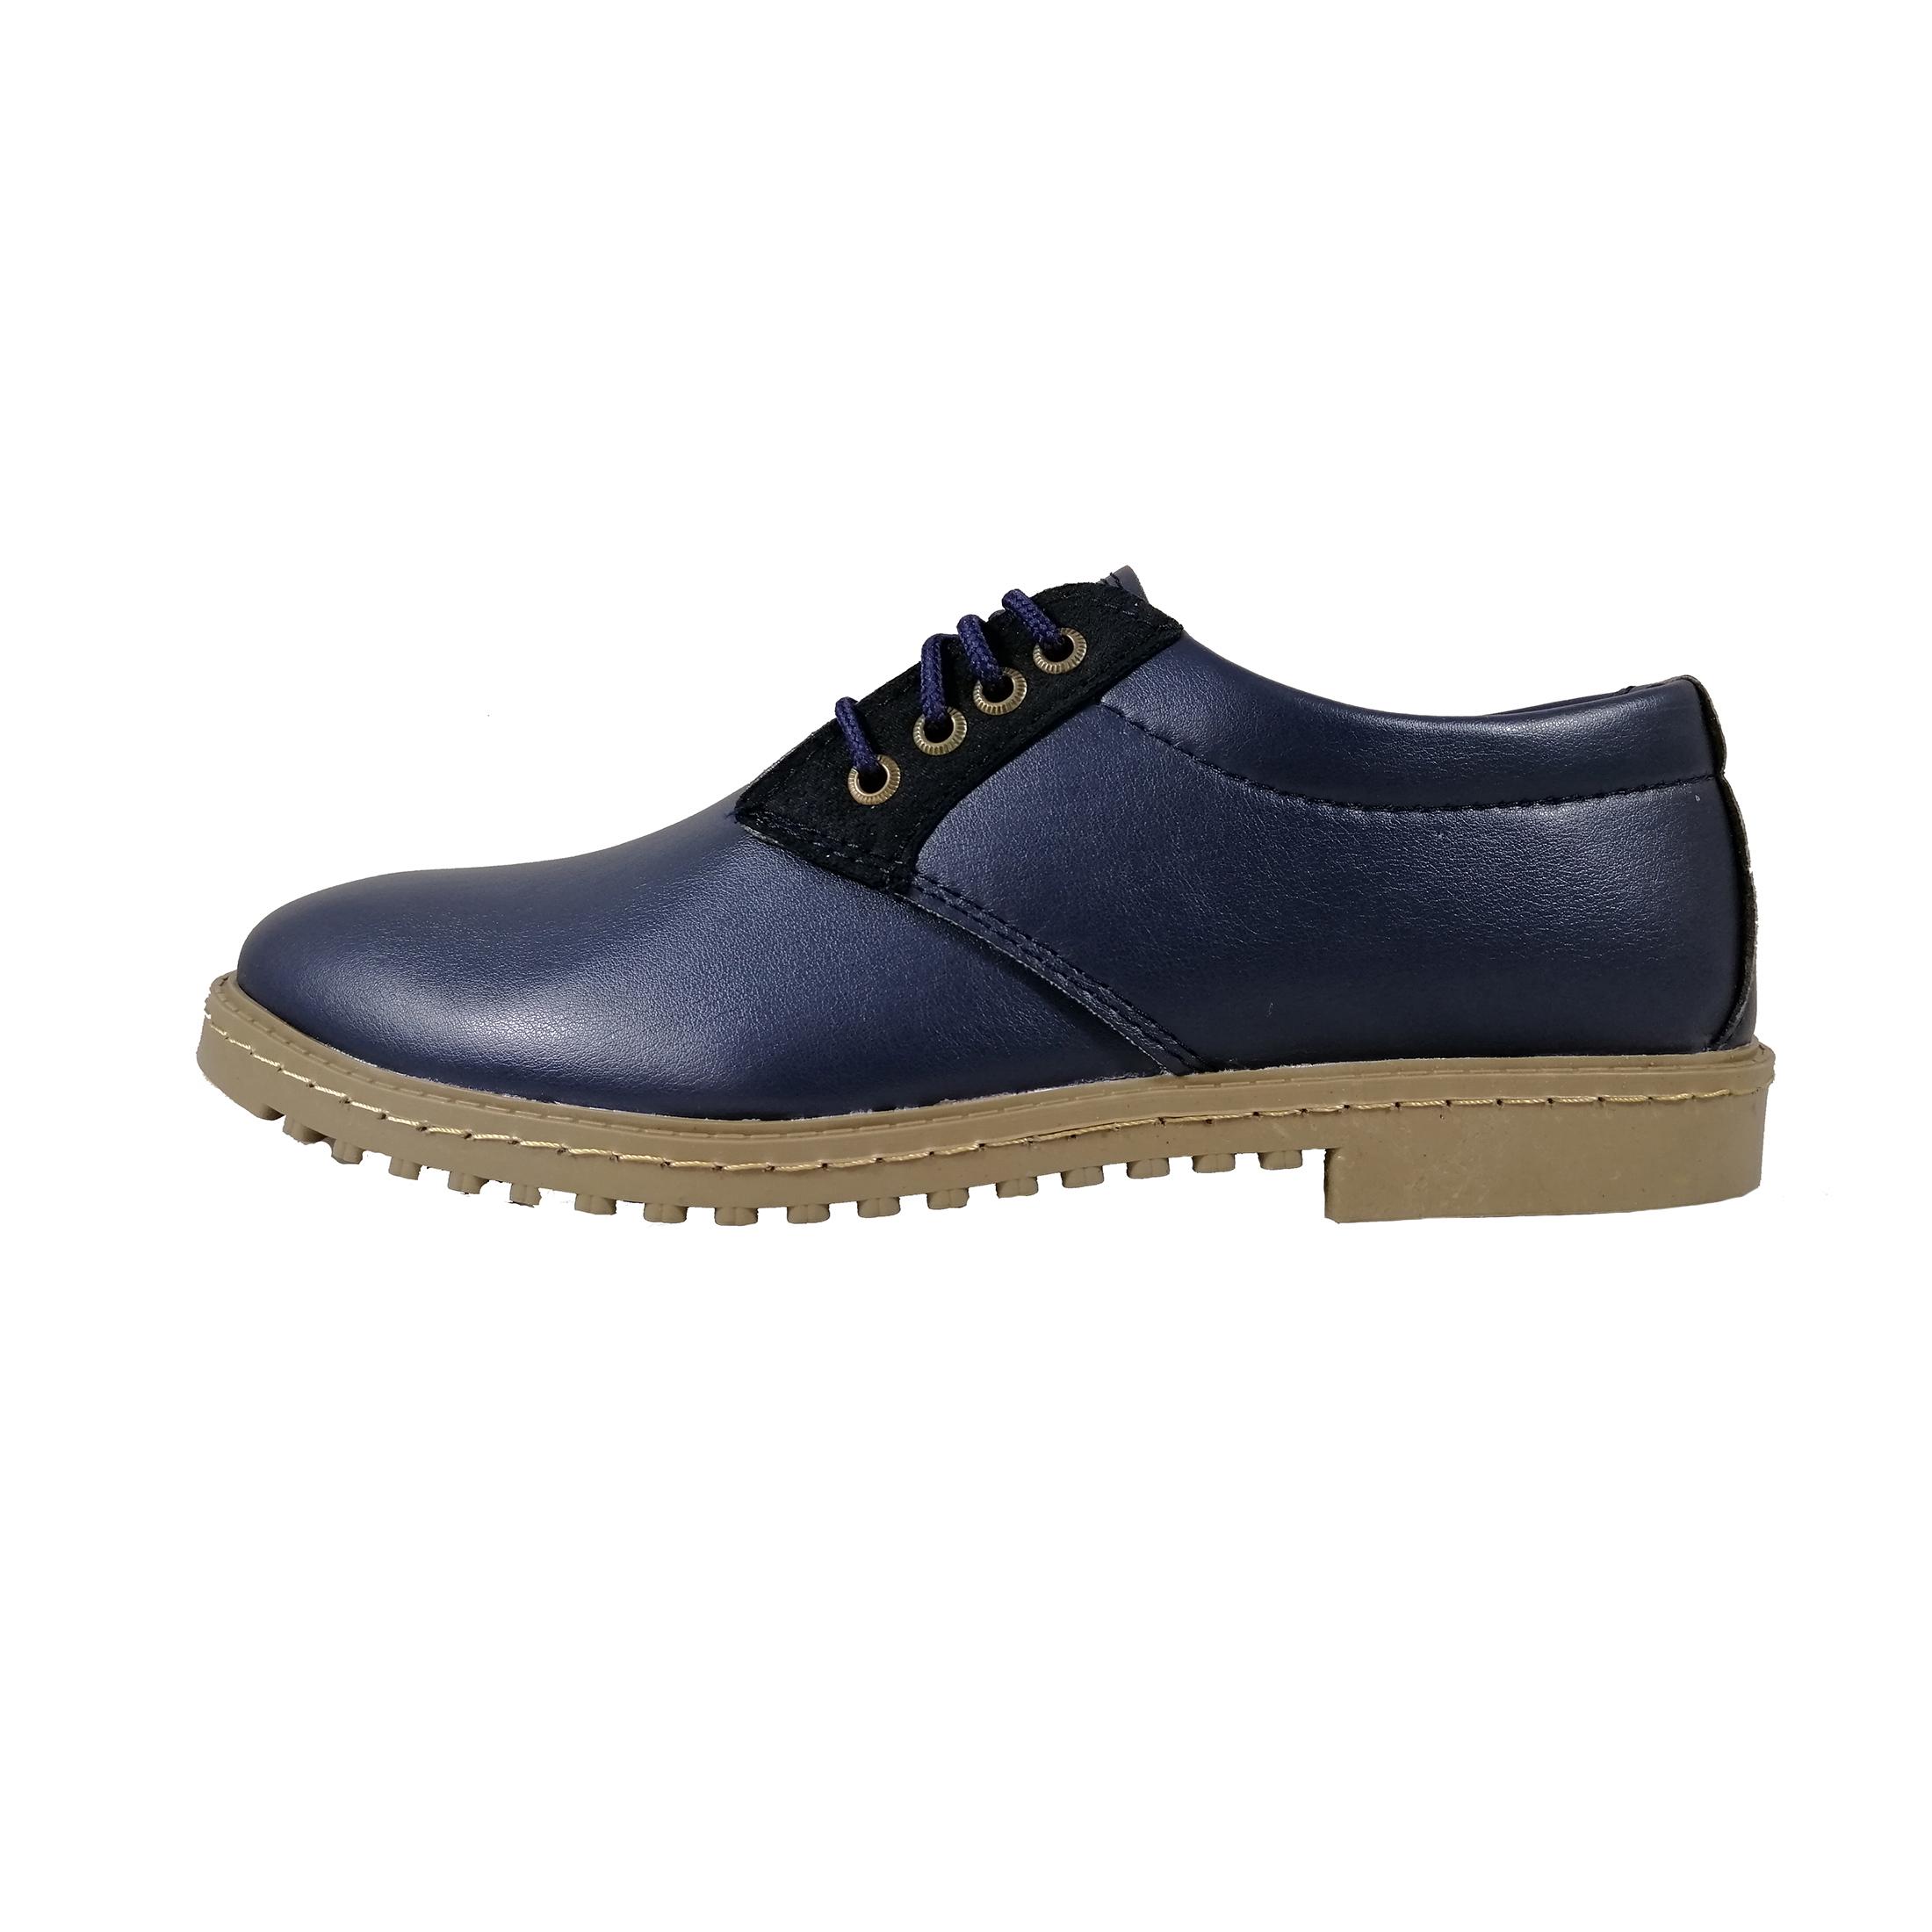 کفش مردانه کد k.baz.026